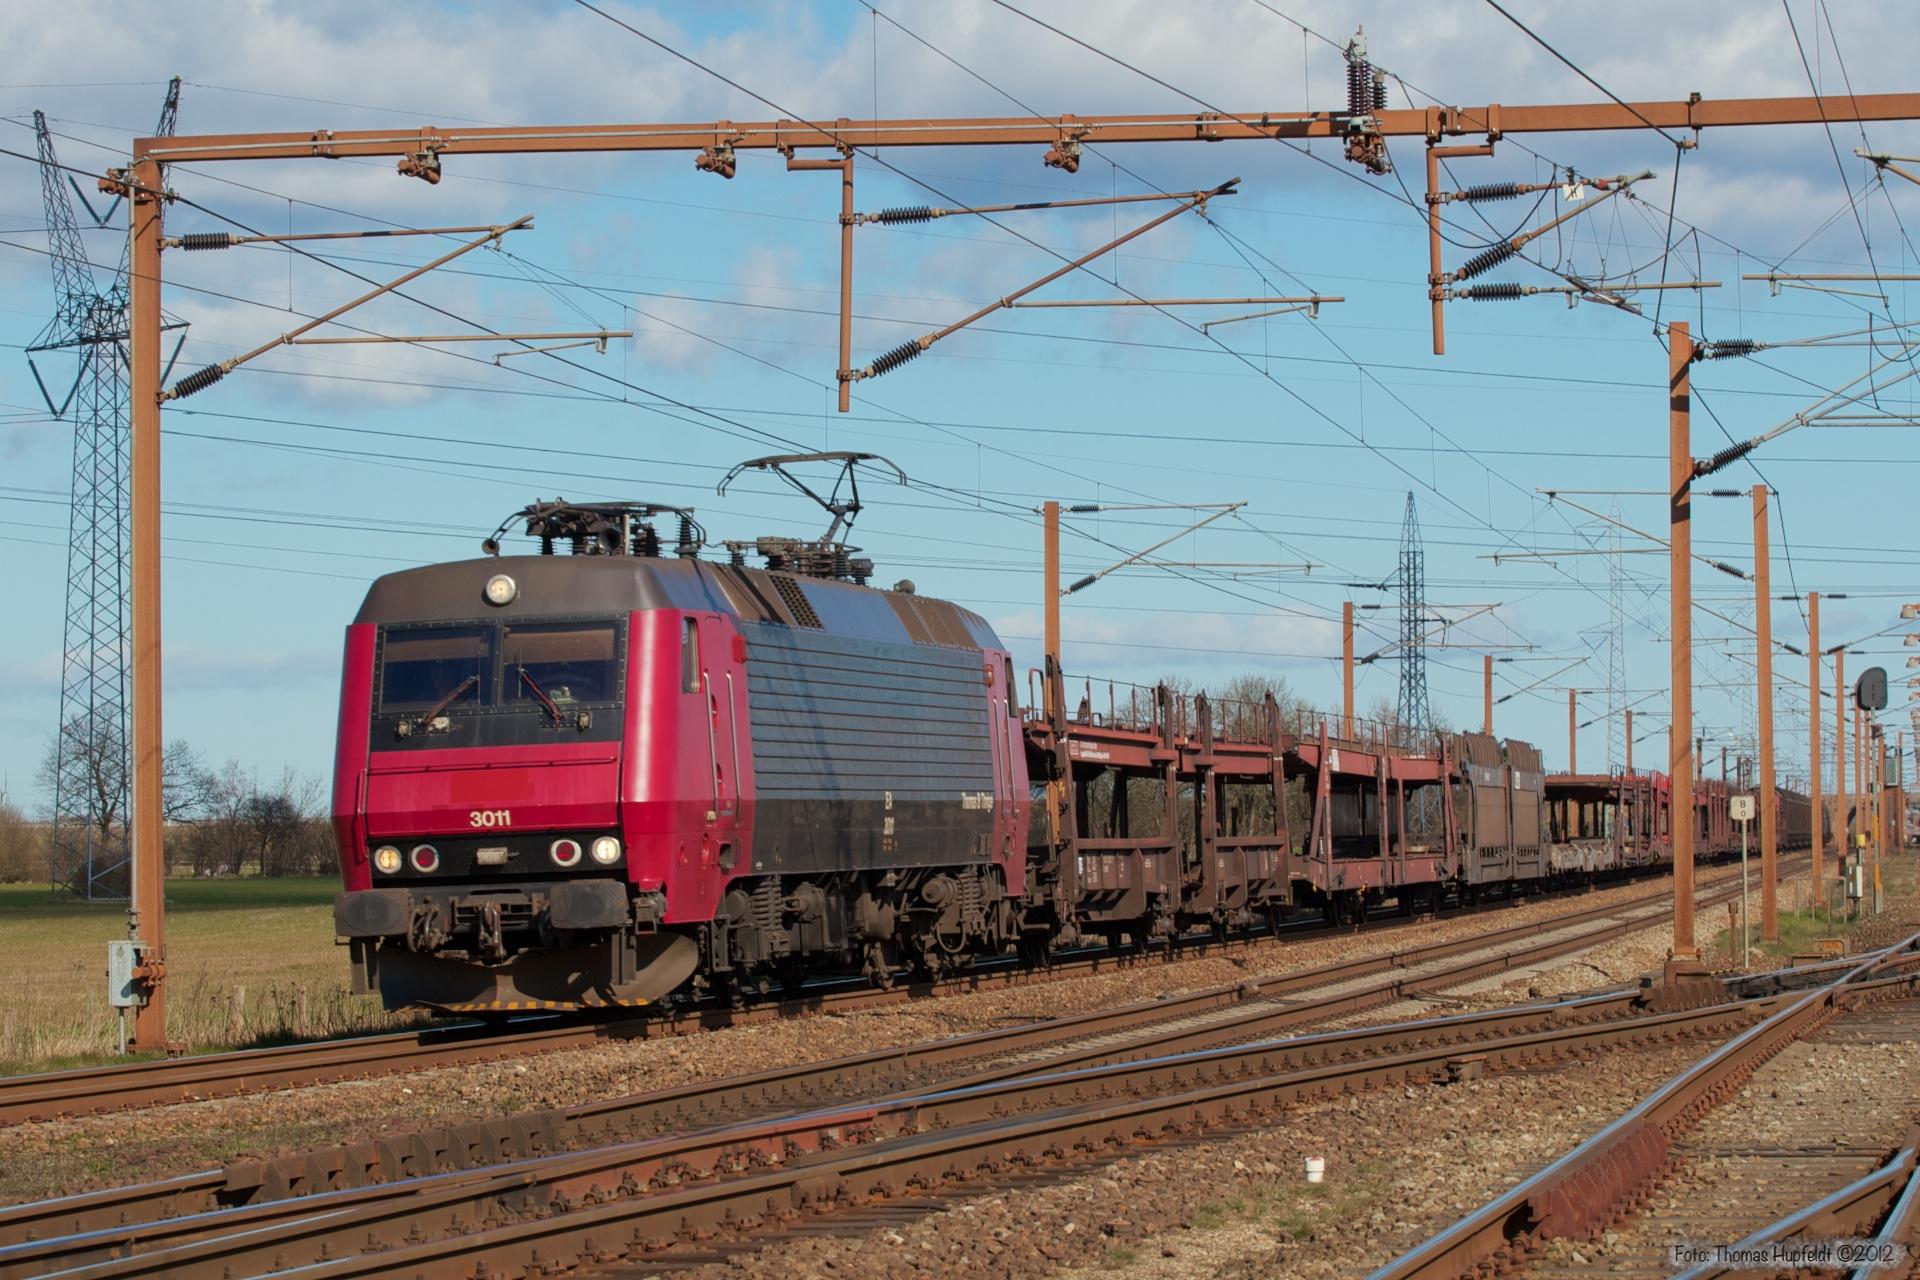 Railion DK EA 3011 med G 44771 (Rg-Pa) ved Taulov - 03.04.2007